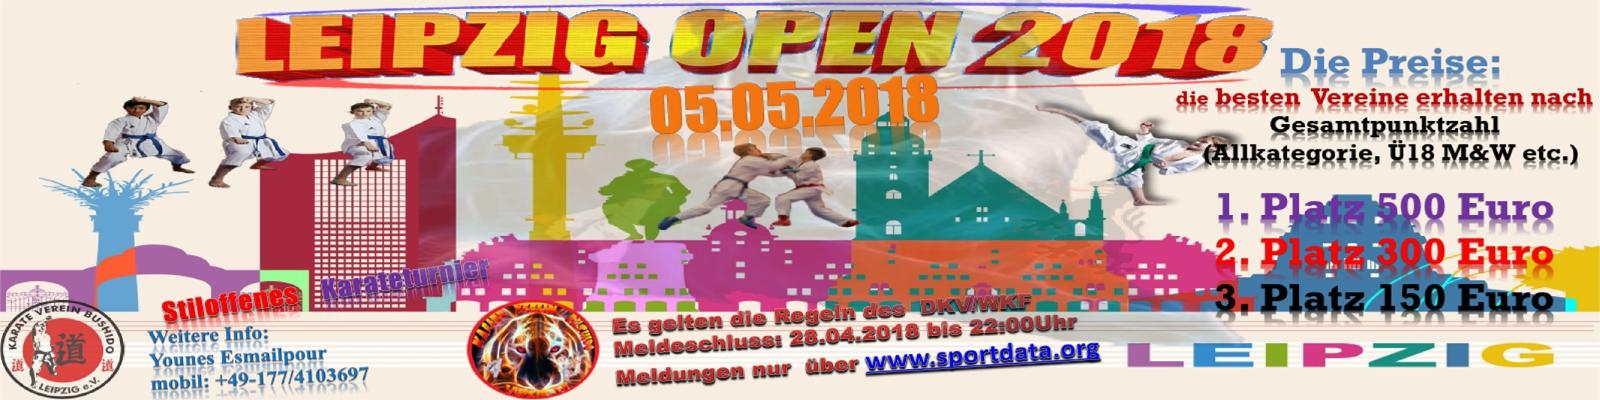 set online dkv  leipzig open 2018